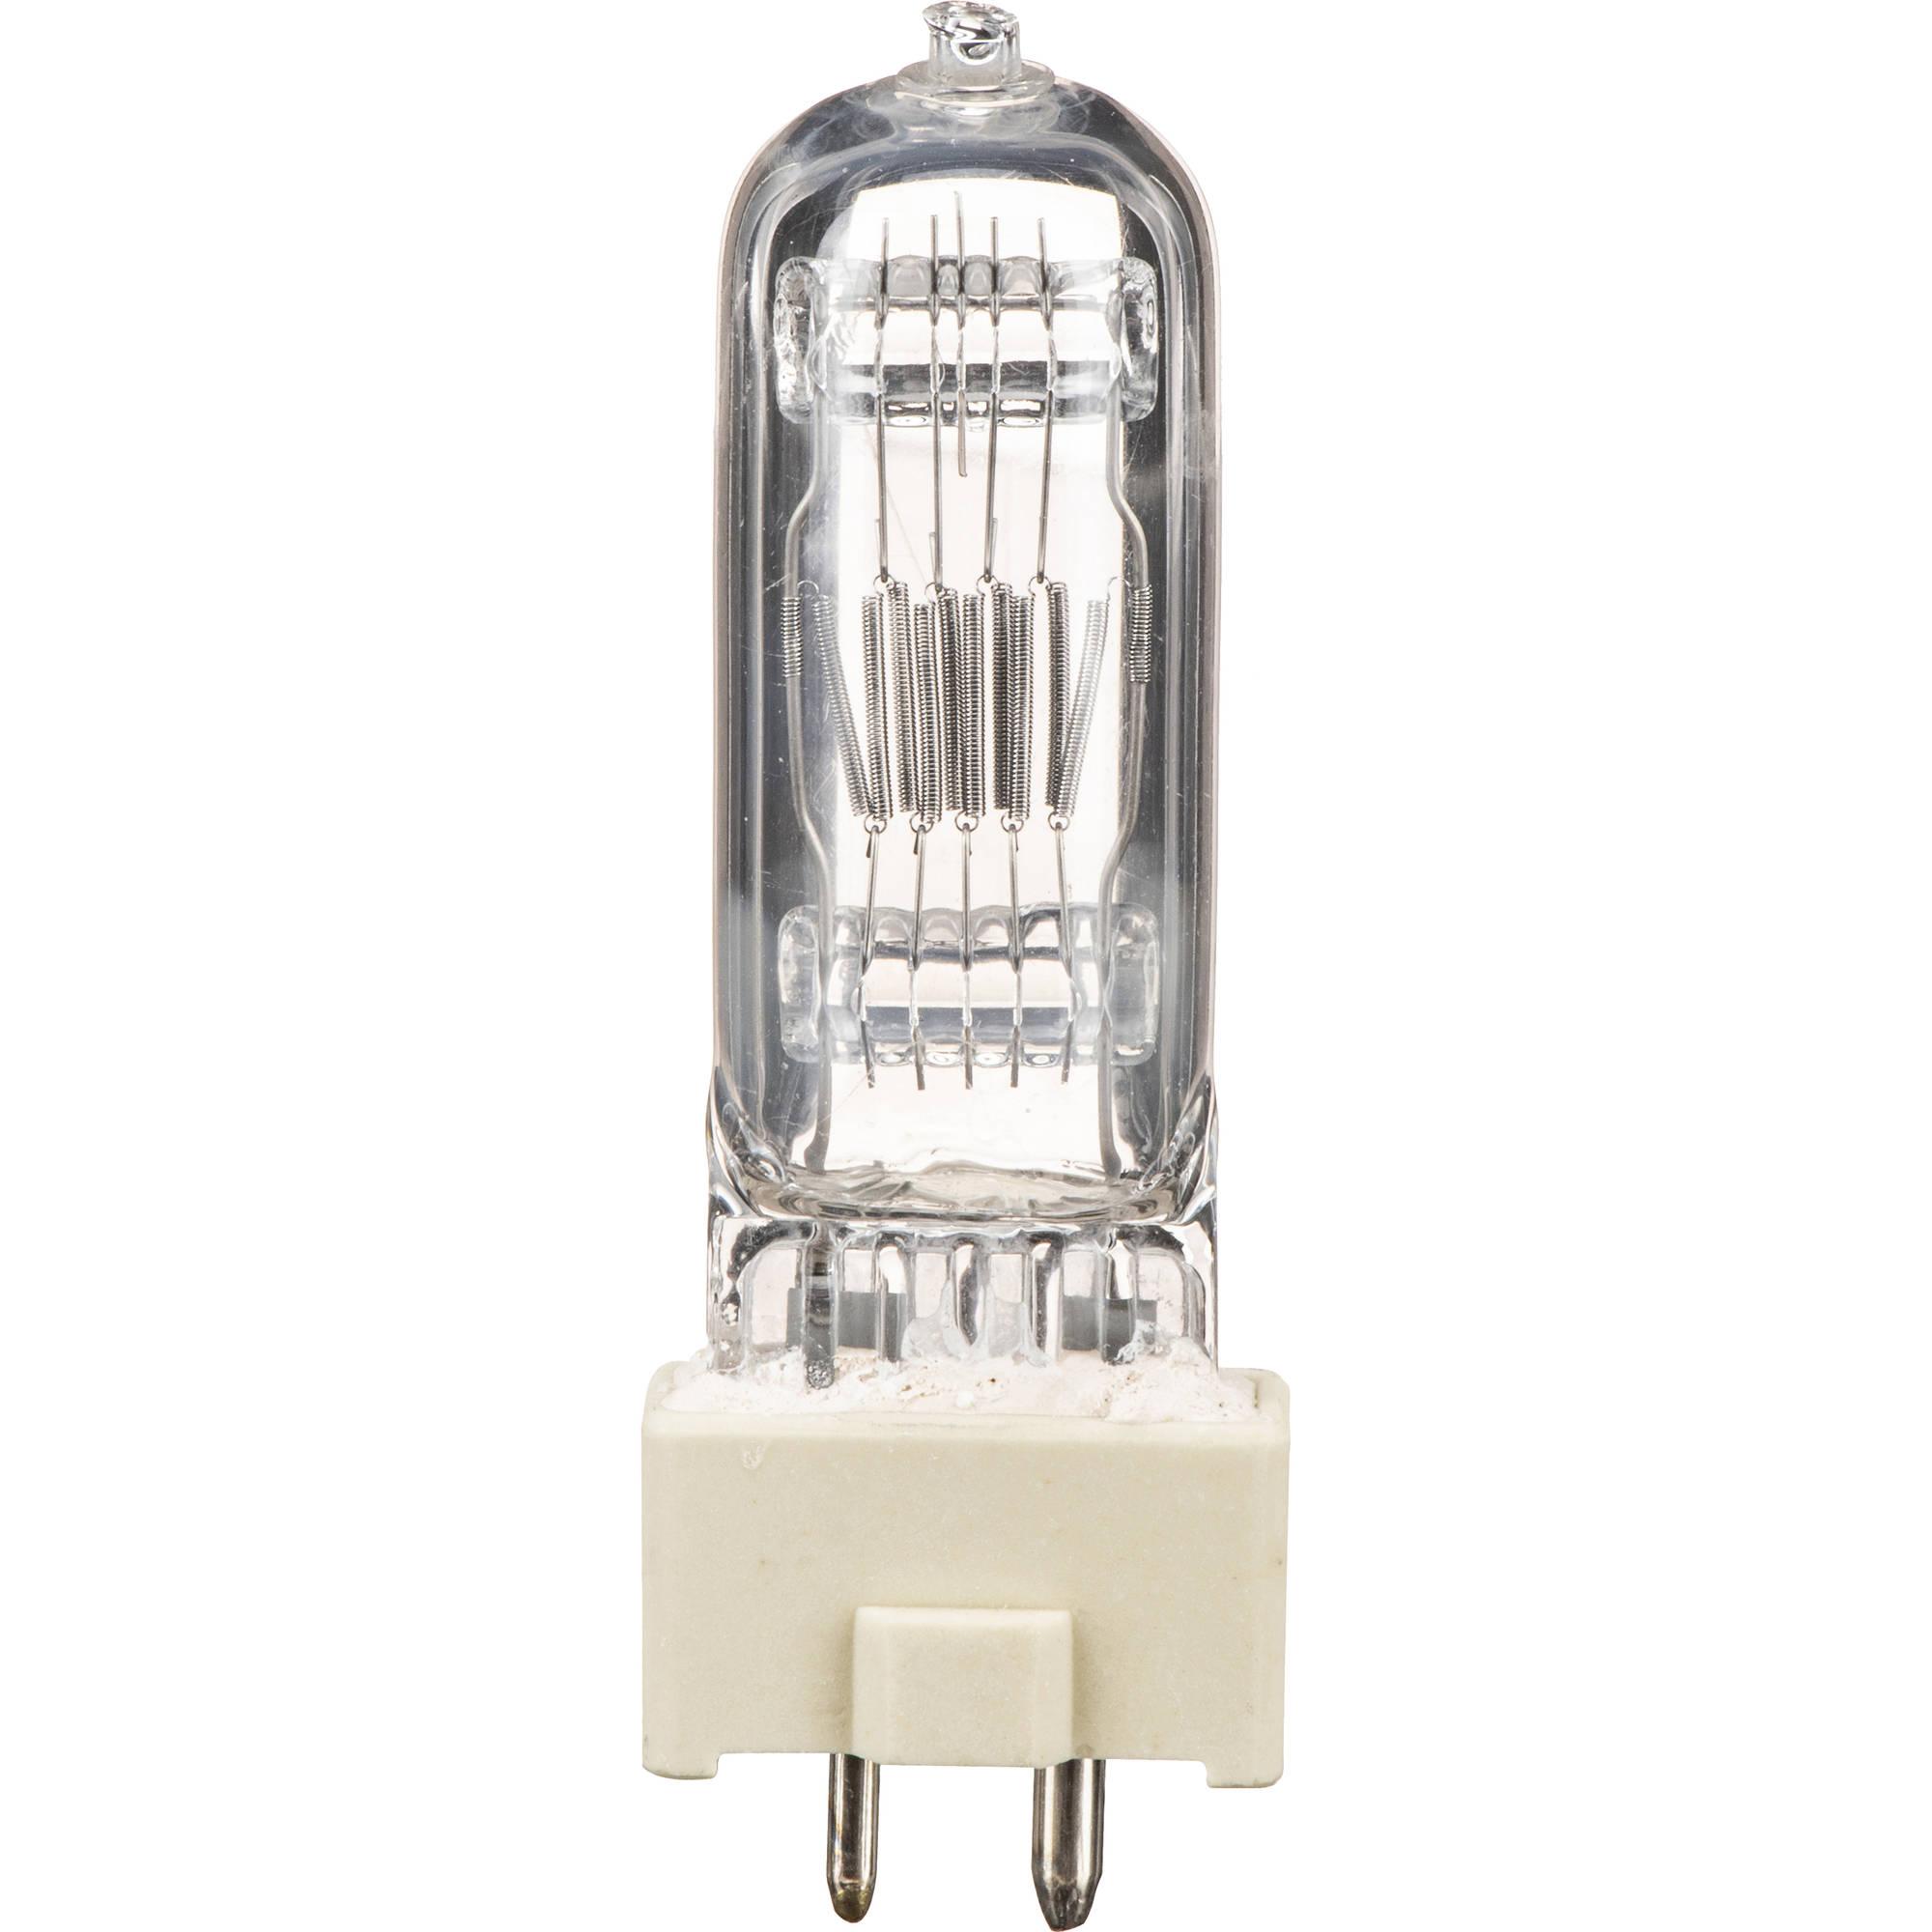 Osram Studiolampe  650W A1//233 DYR 240V GY9.5 OSRAM